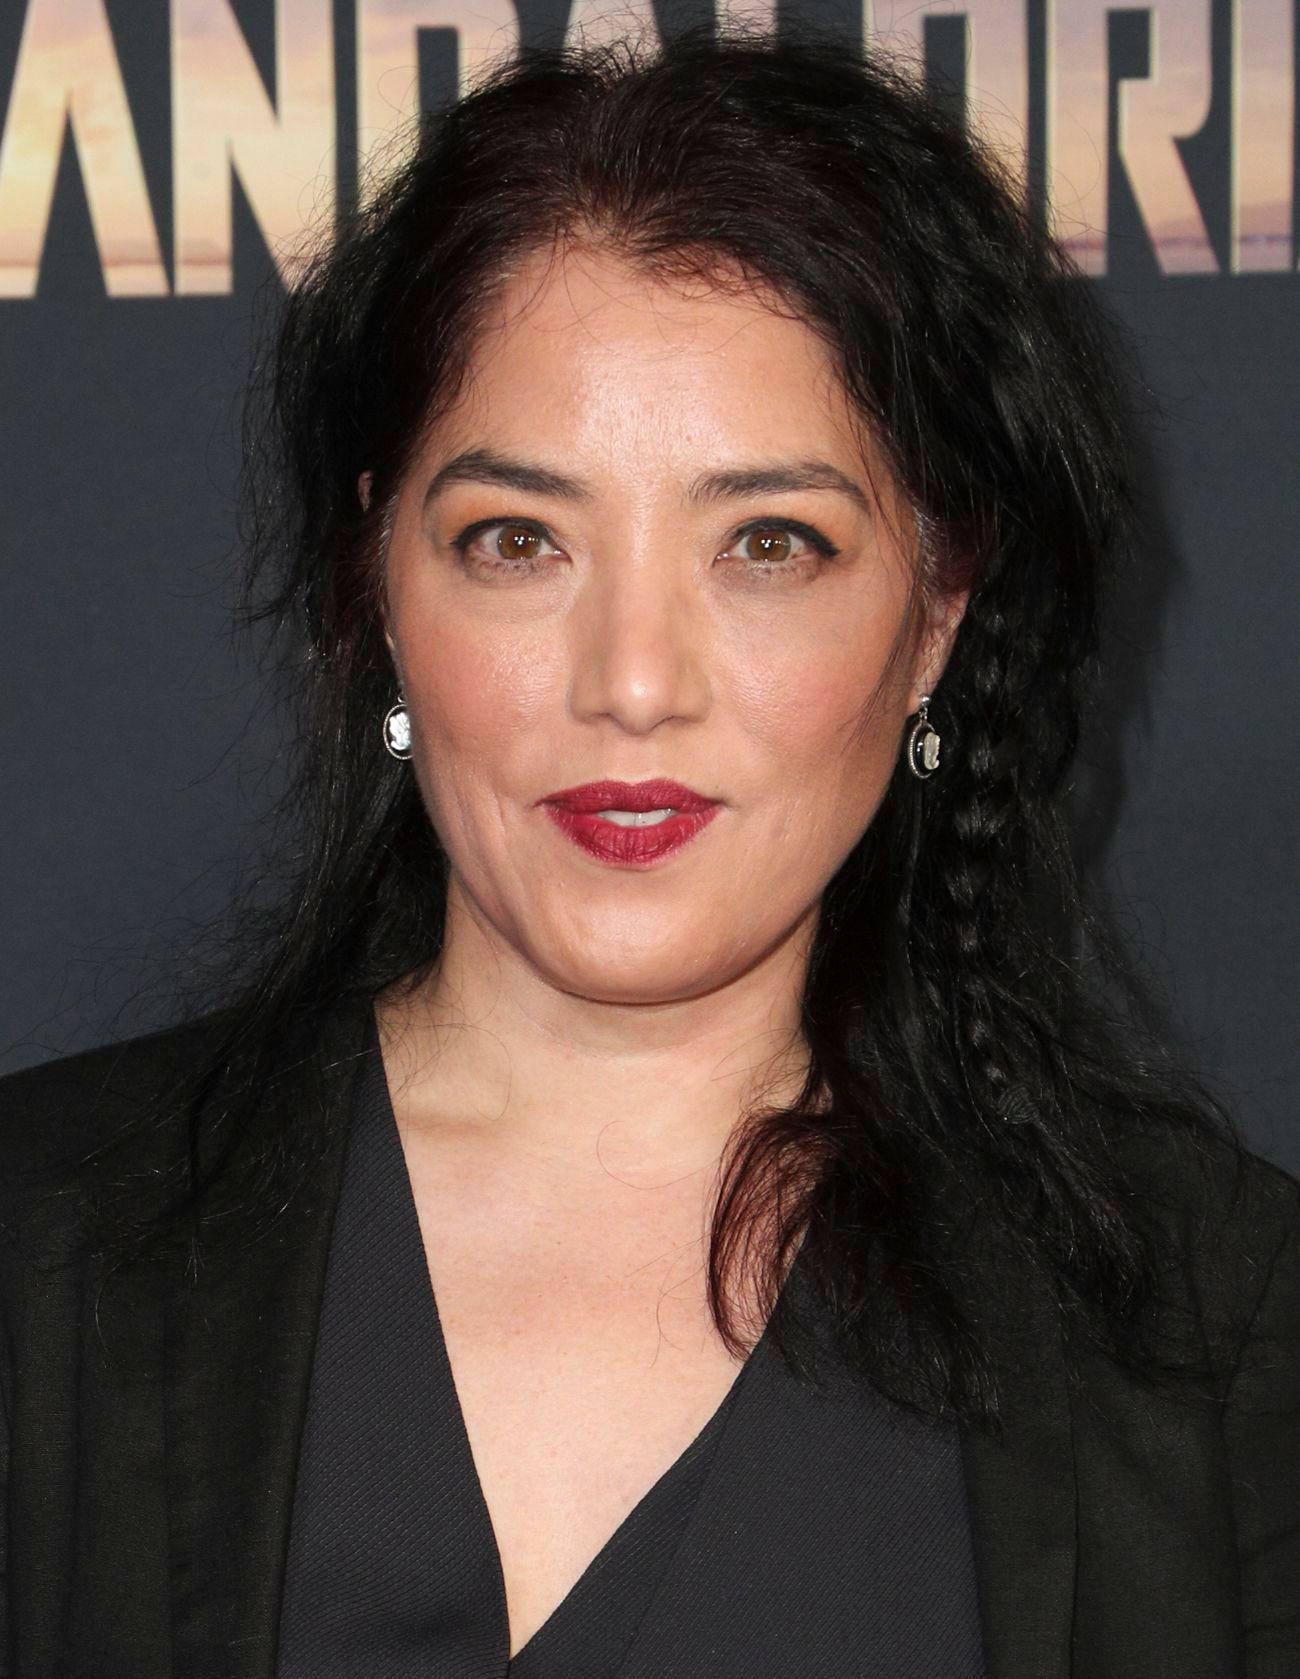 Deborah Chow'The Mandalorian' TV show premiere, Arrivals, El Capitan Theatre, Los Angeles, USA - 13 Nov 2019